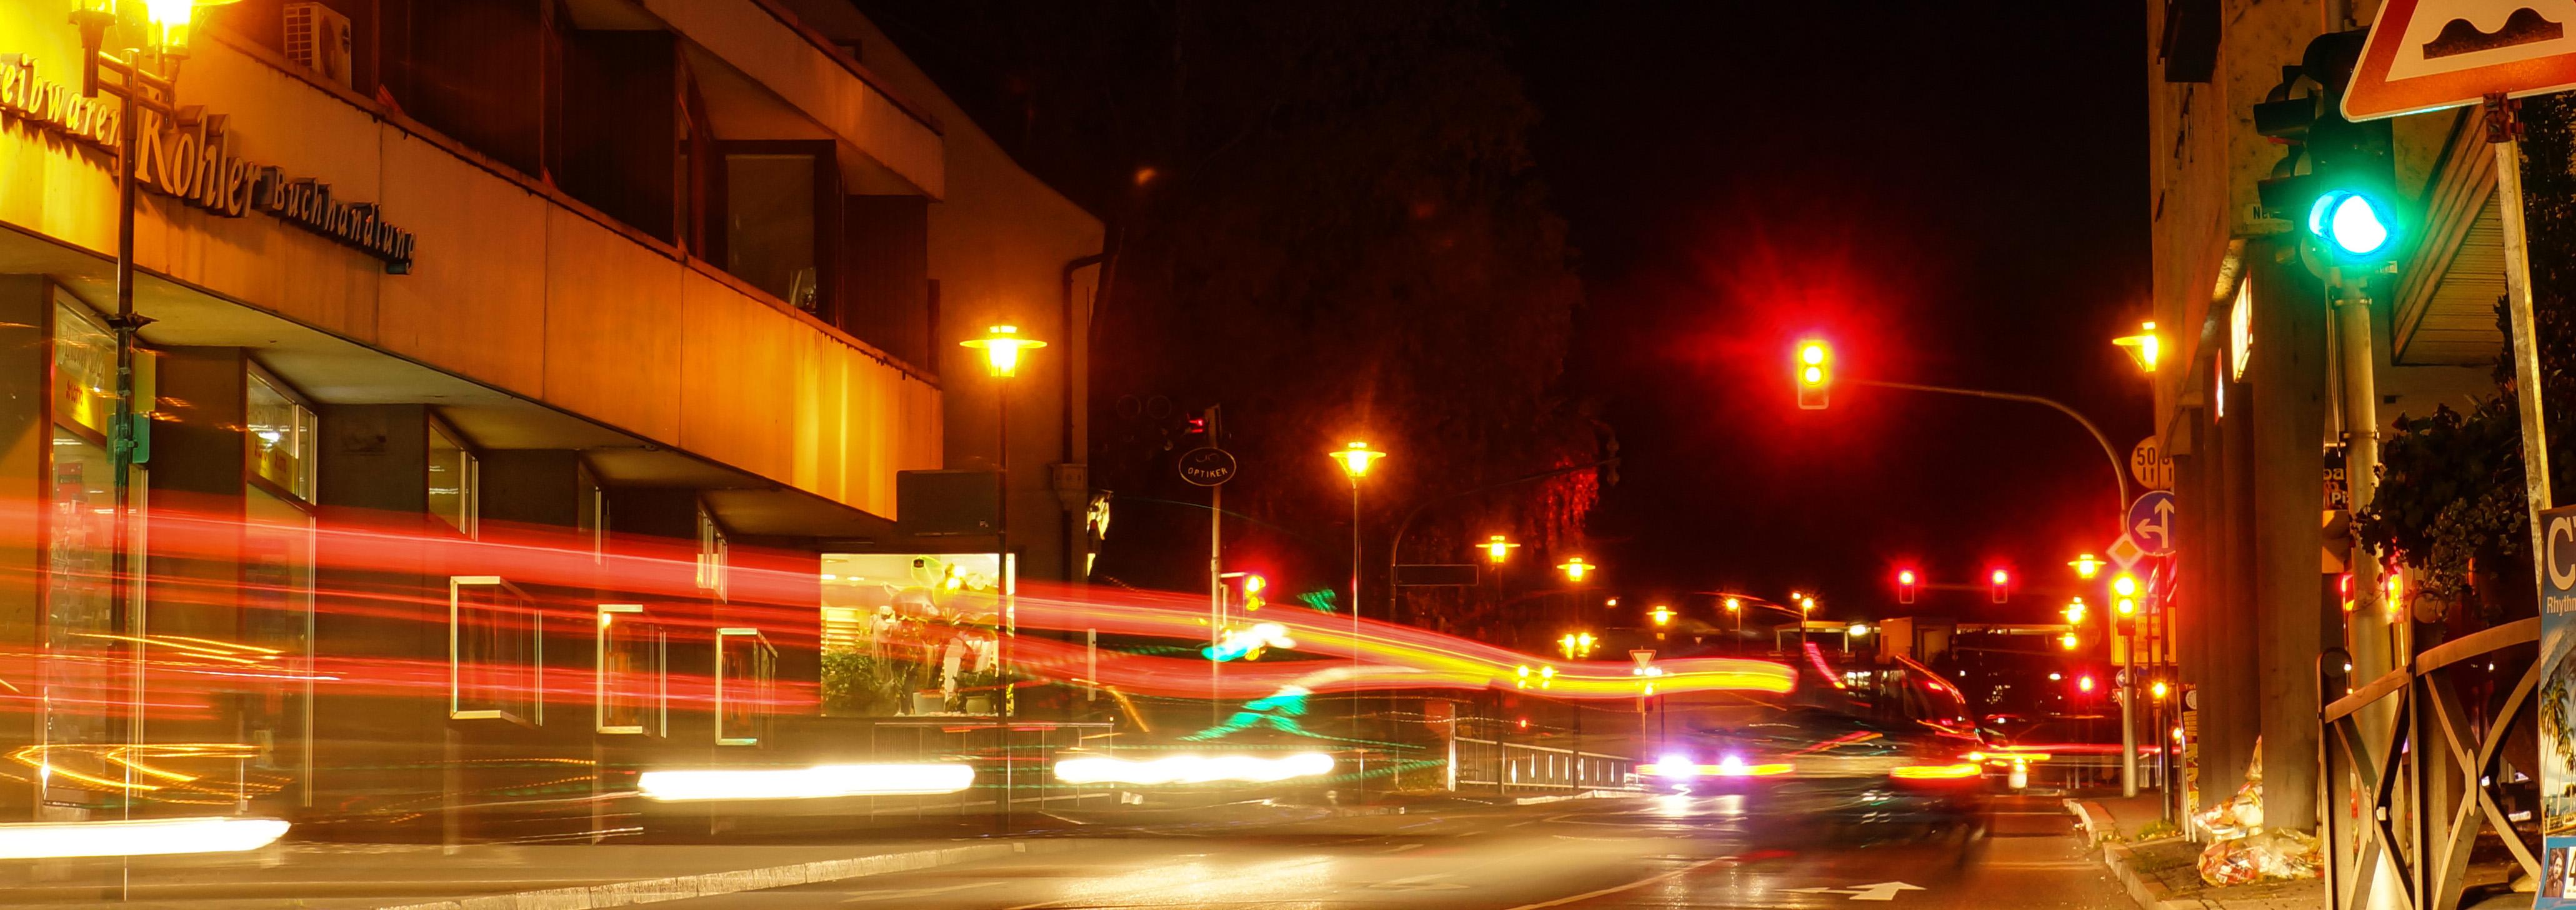 Abendverkehr in der Stadt